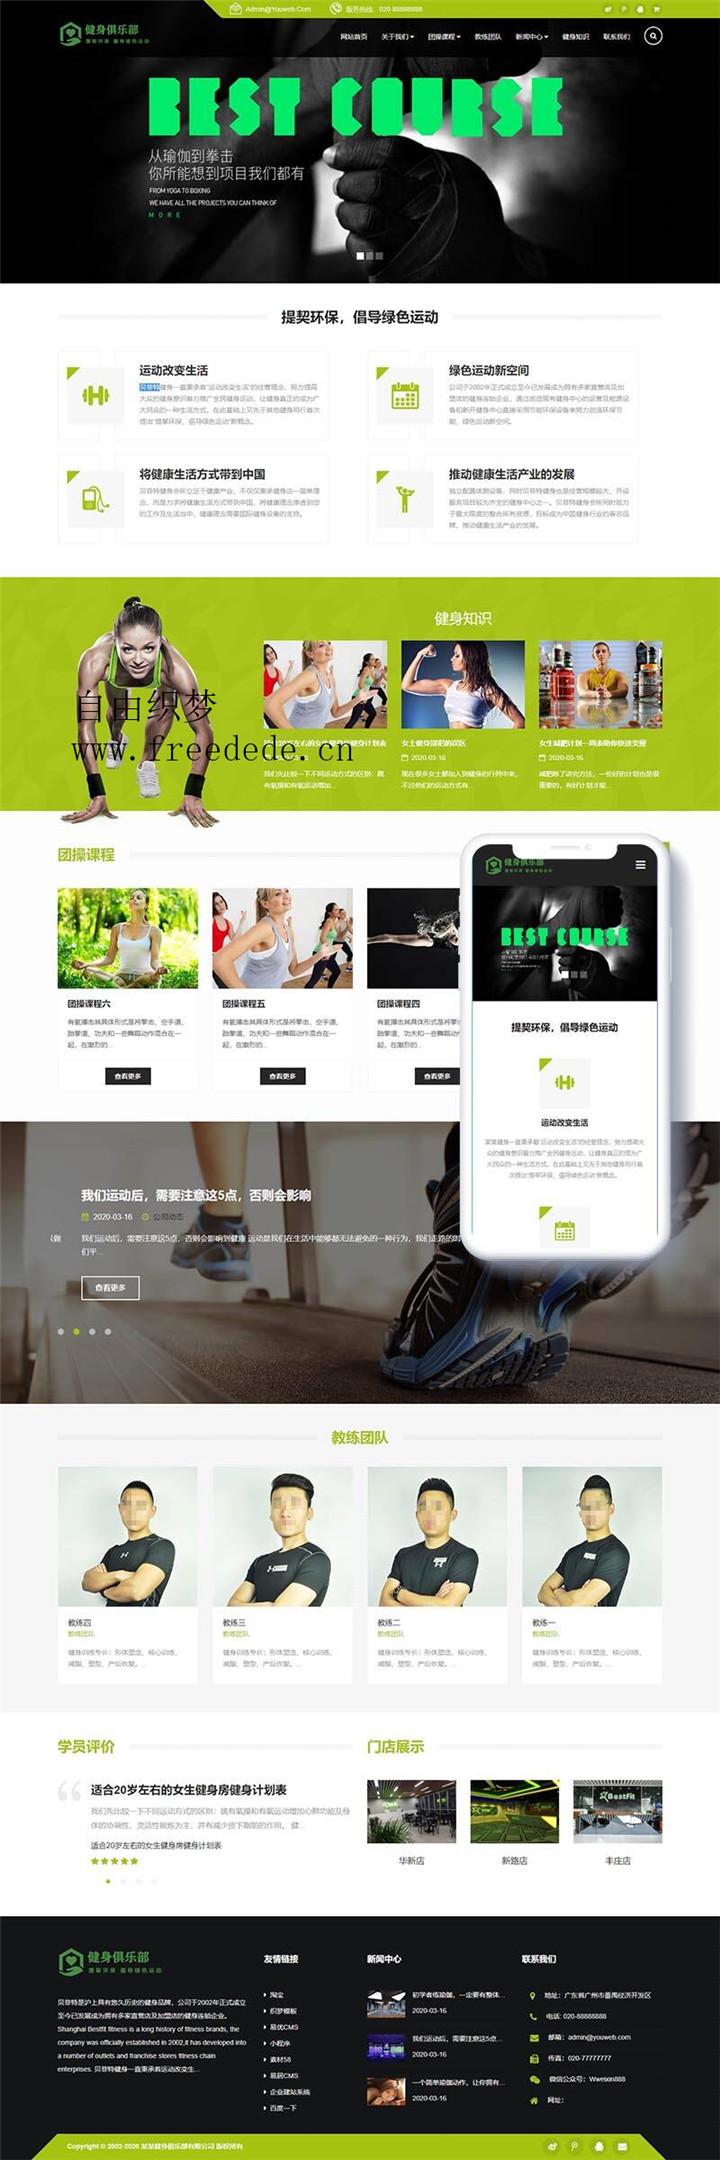 爱上源码网文章dedecms模板下载 响应式健身俱乐部类网站织梦模板(自适应手机端)的内容插图